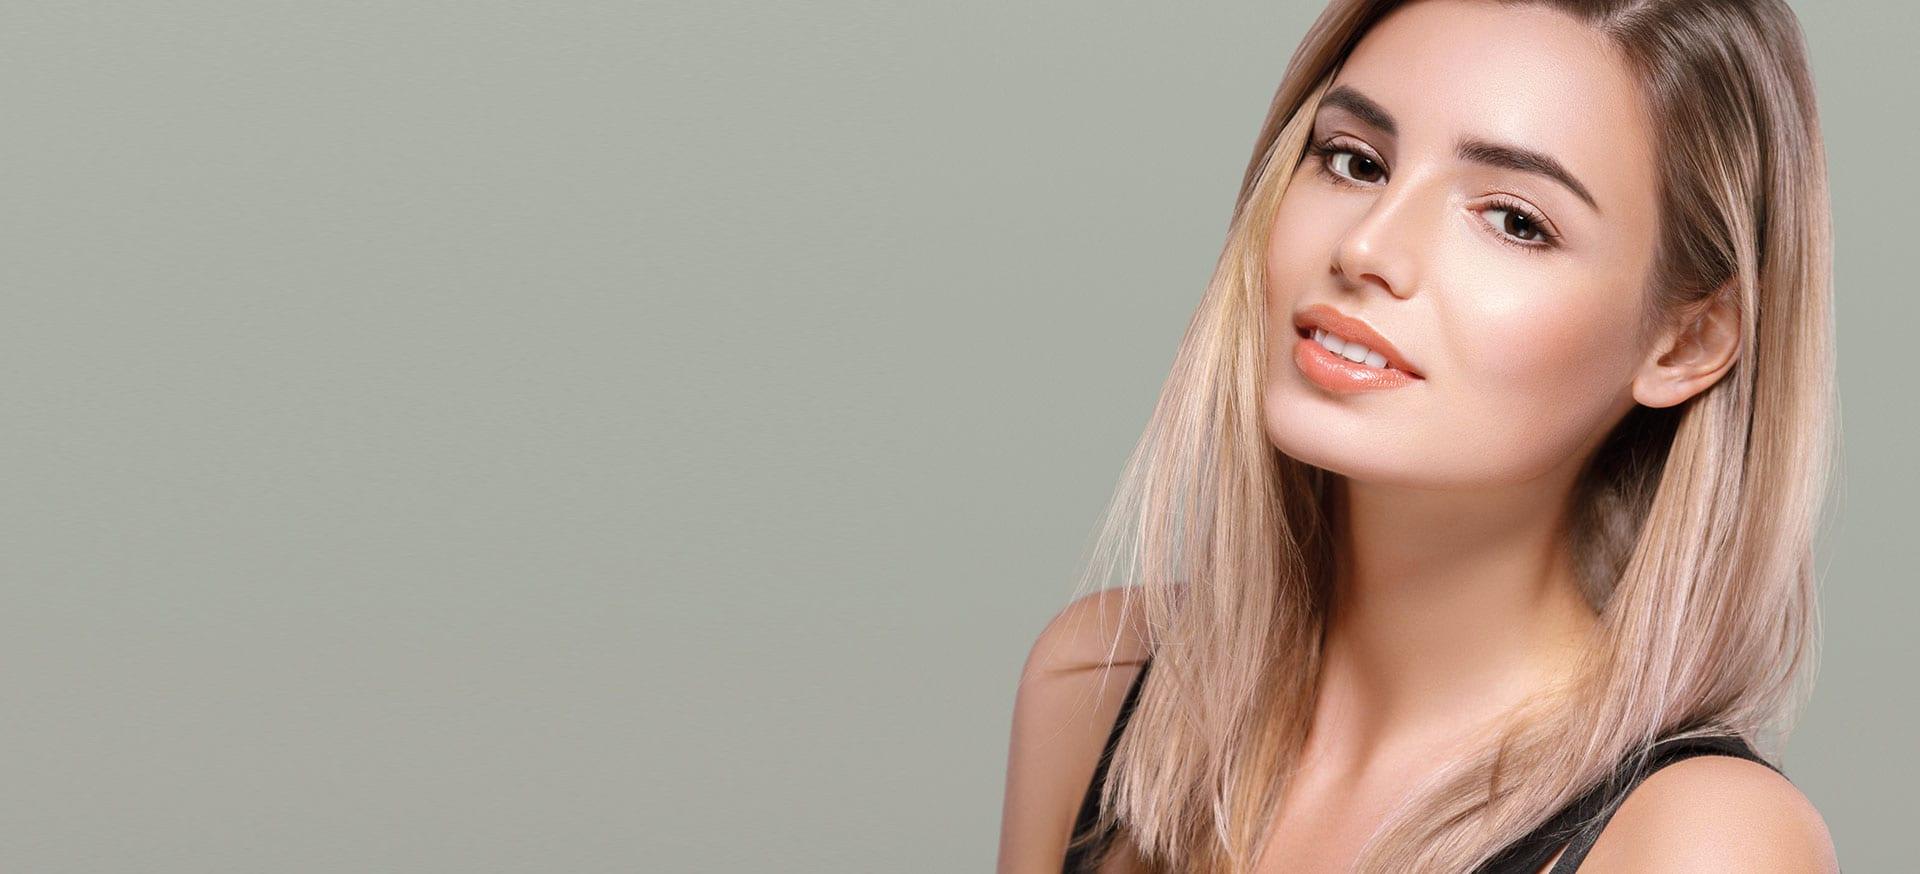 Female model on green background